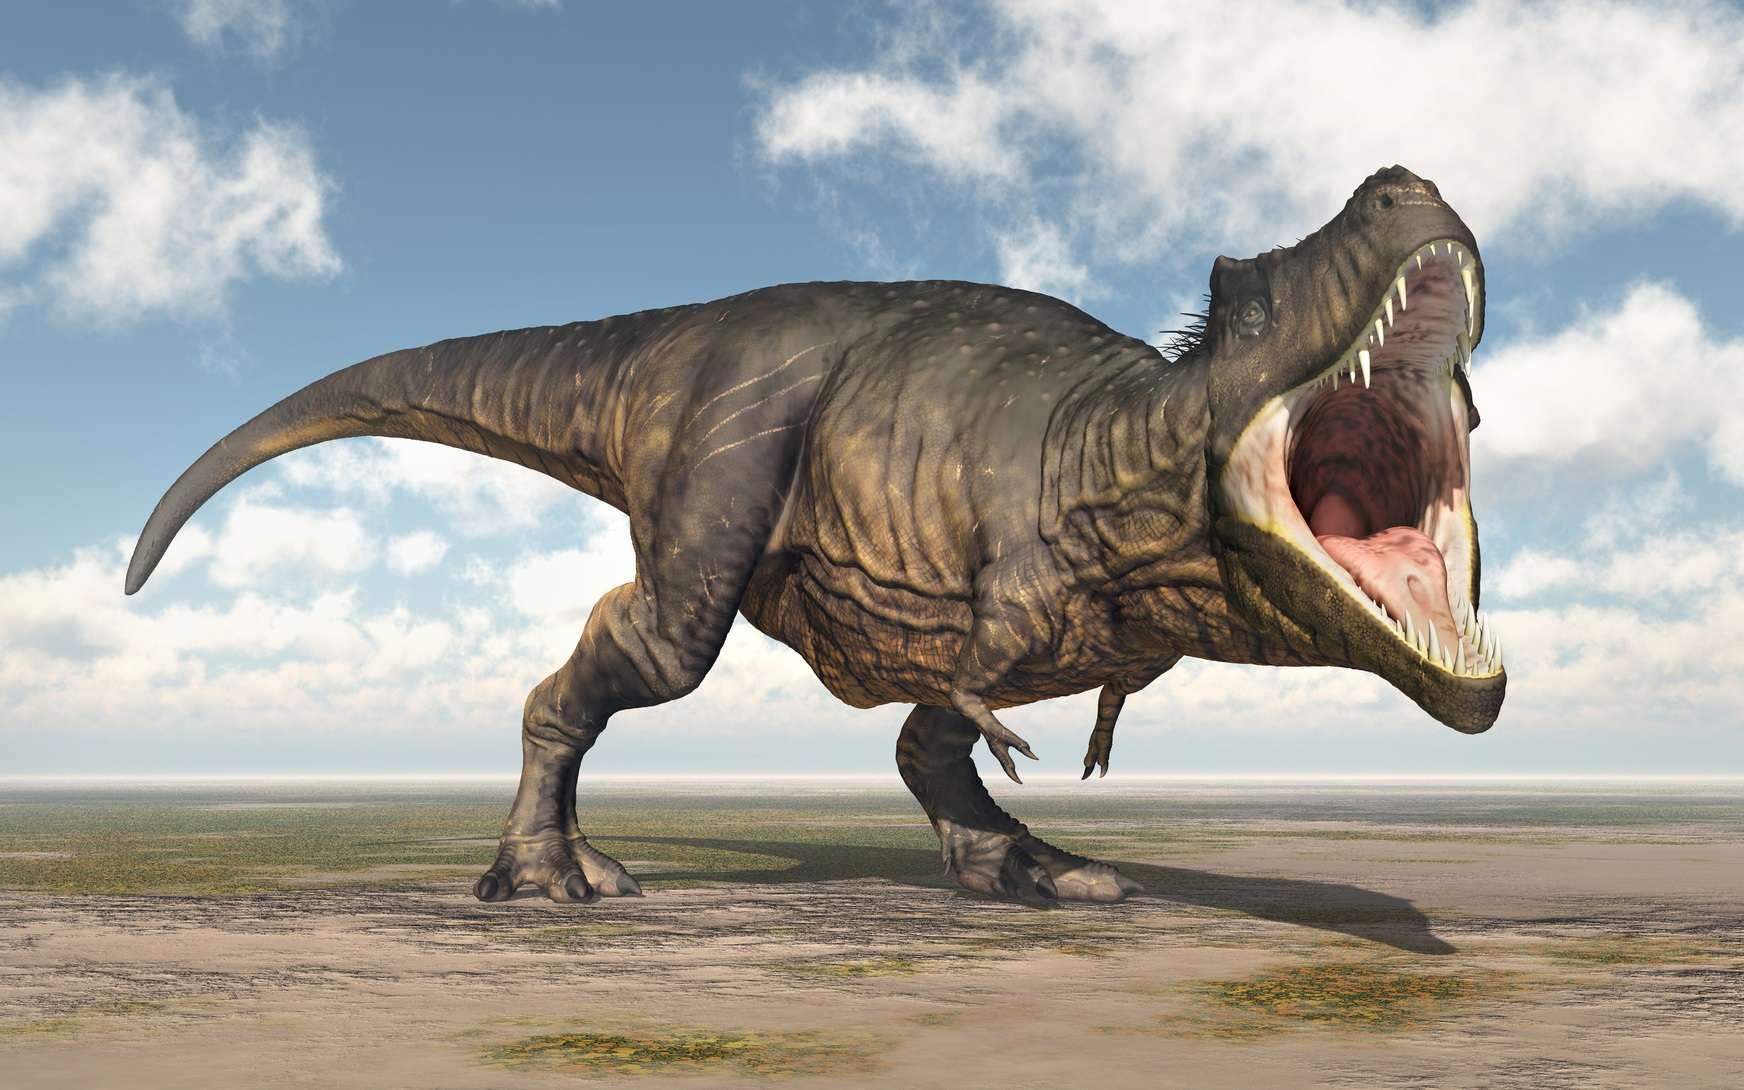 Saviez-vous que l'étymologie de Tyrannosaurus rex signifie « roi des lézards tyrans » ? © Michael Rosskothen, Fotolia